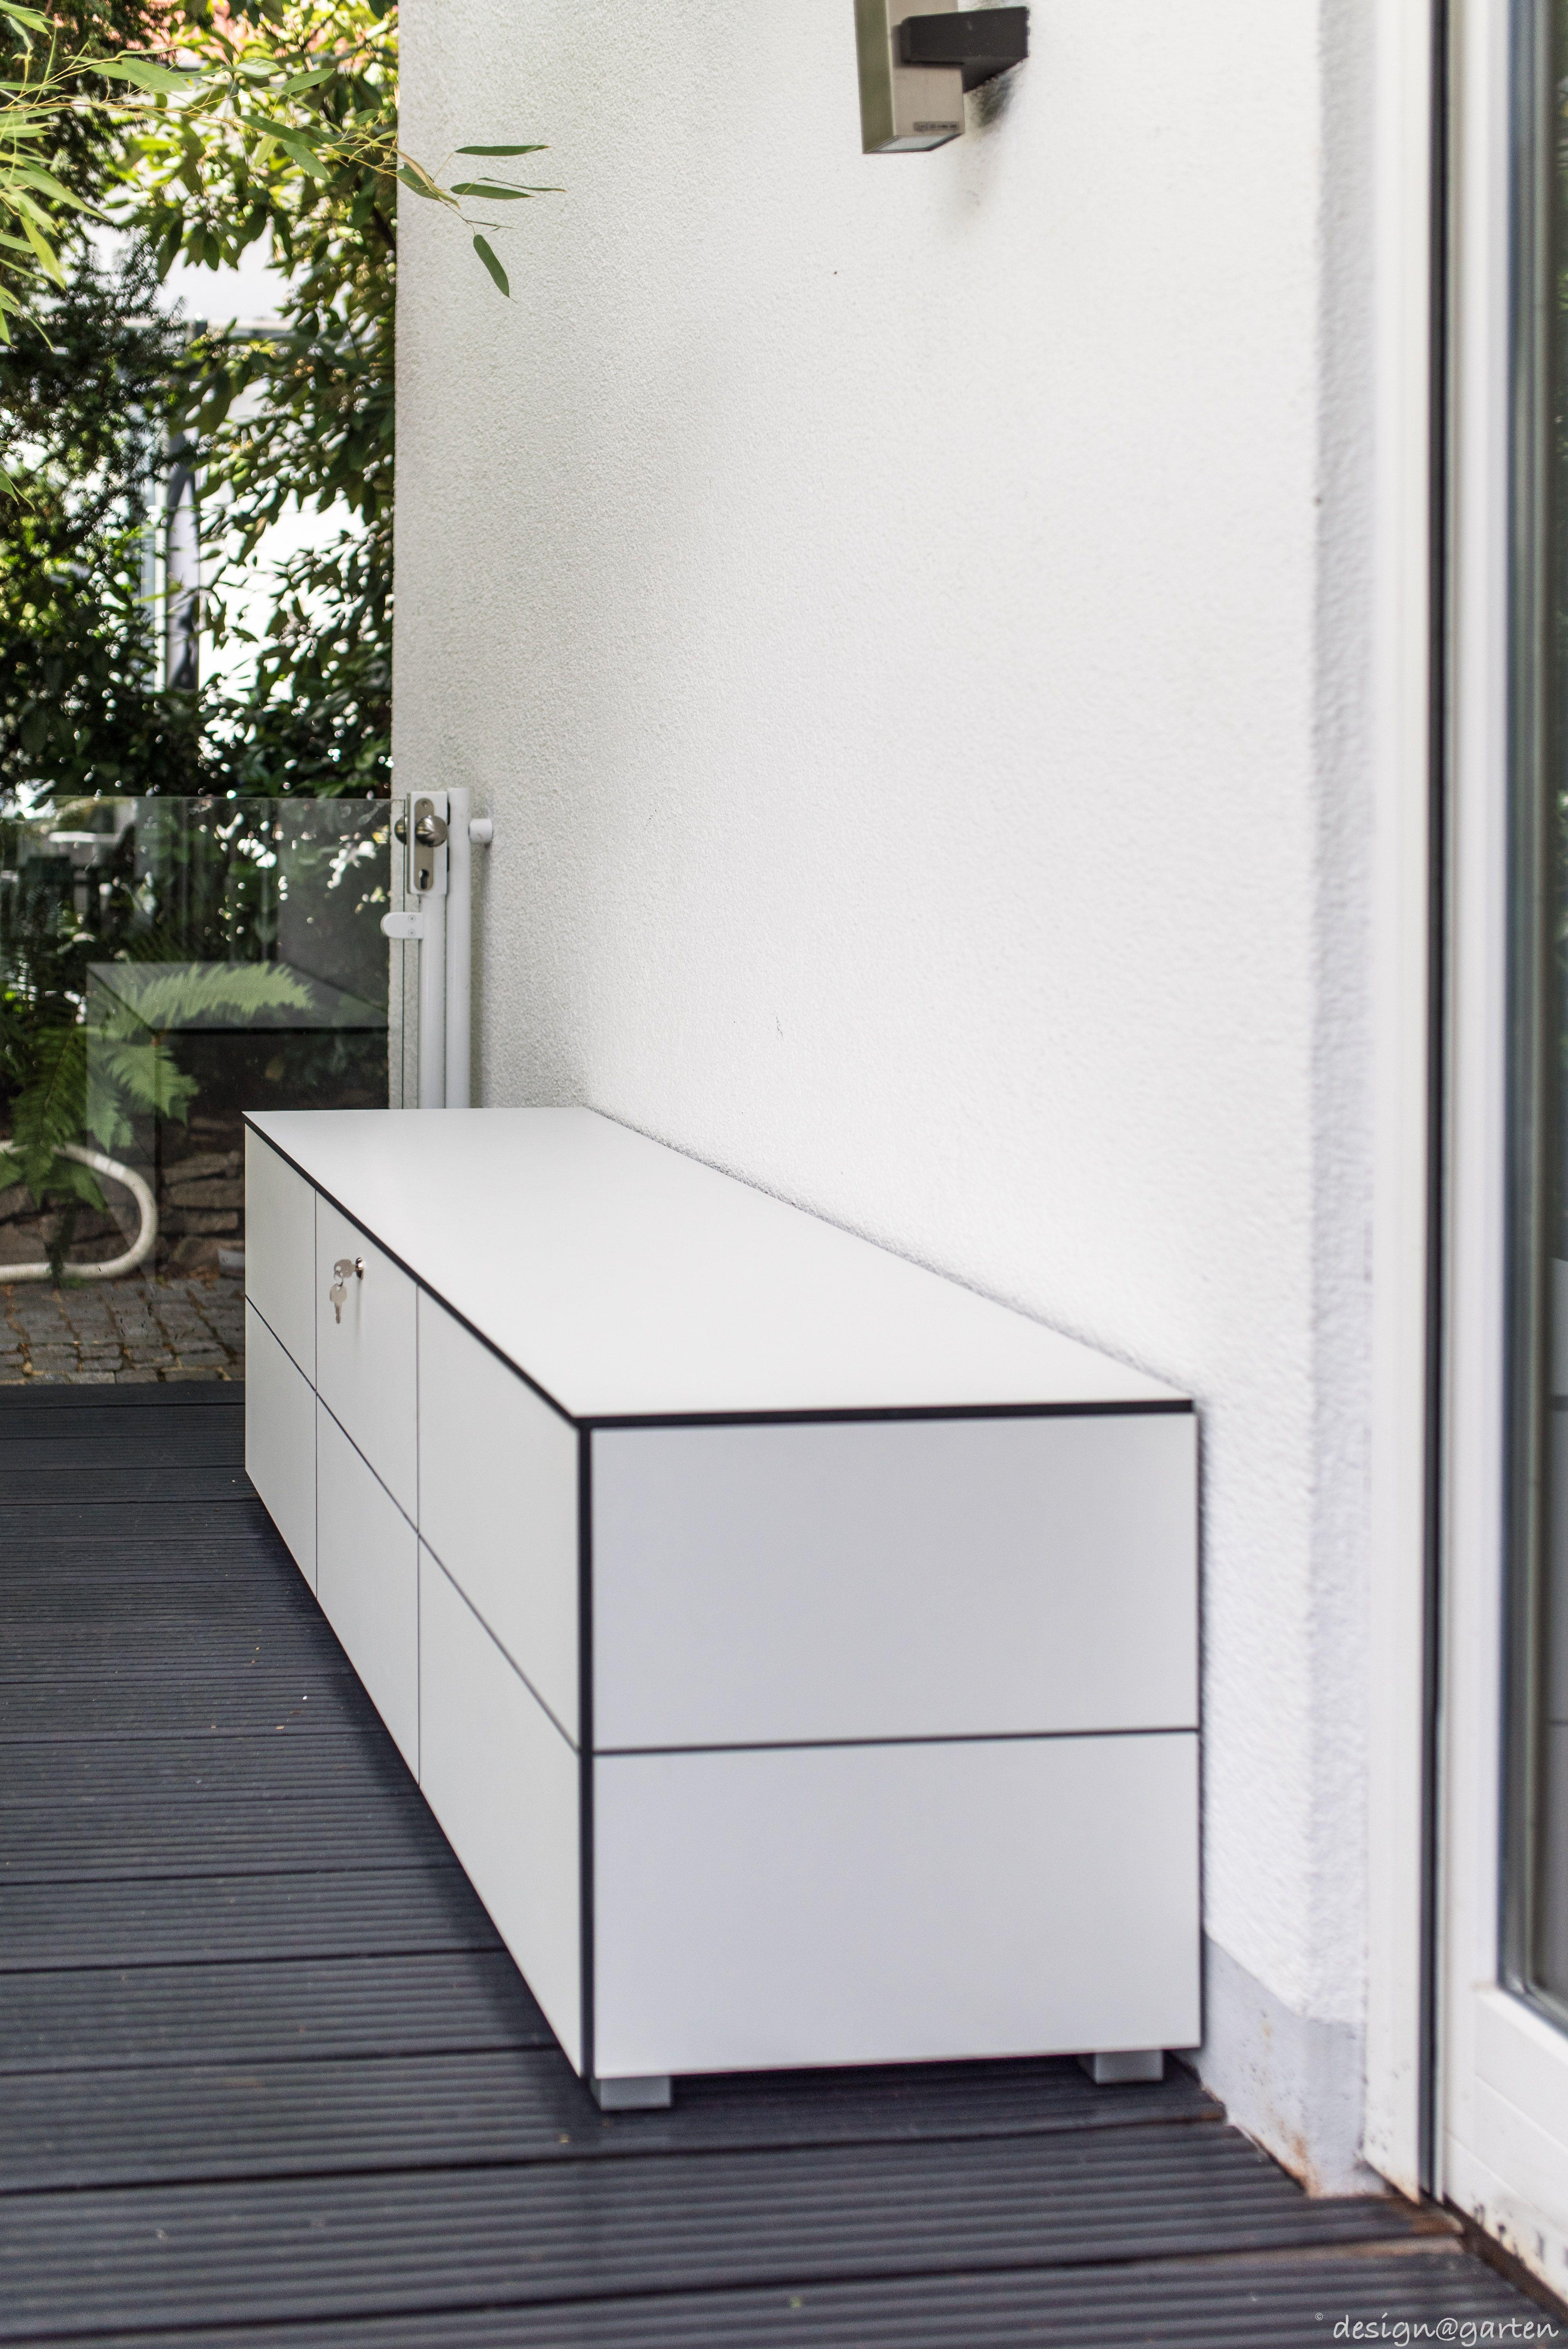 Balkonschrank Sitzbank Sitzboard Win In Munchen By Design Garten Augsbu Balkonschrank Gartenschrank Und Gartentruhe